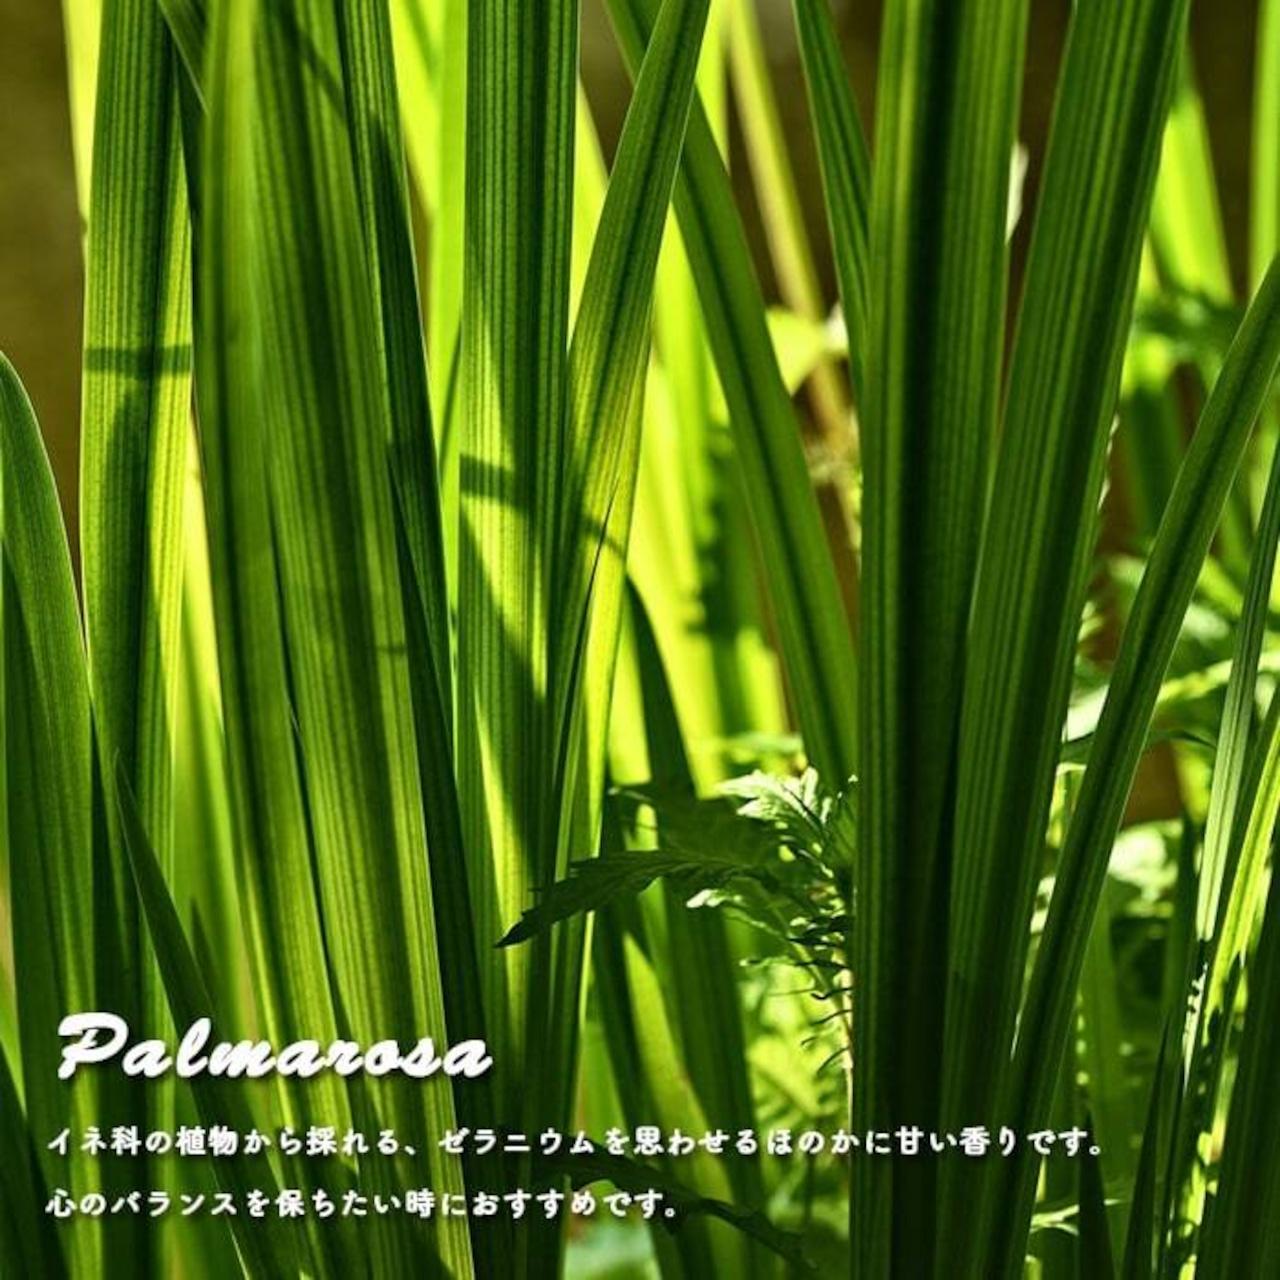 【daily delight】パルマローザ エッセンシャルオイル